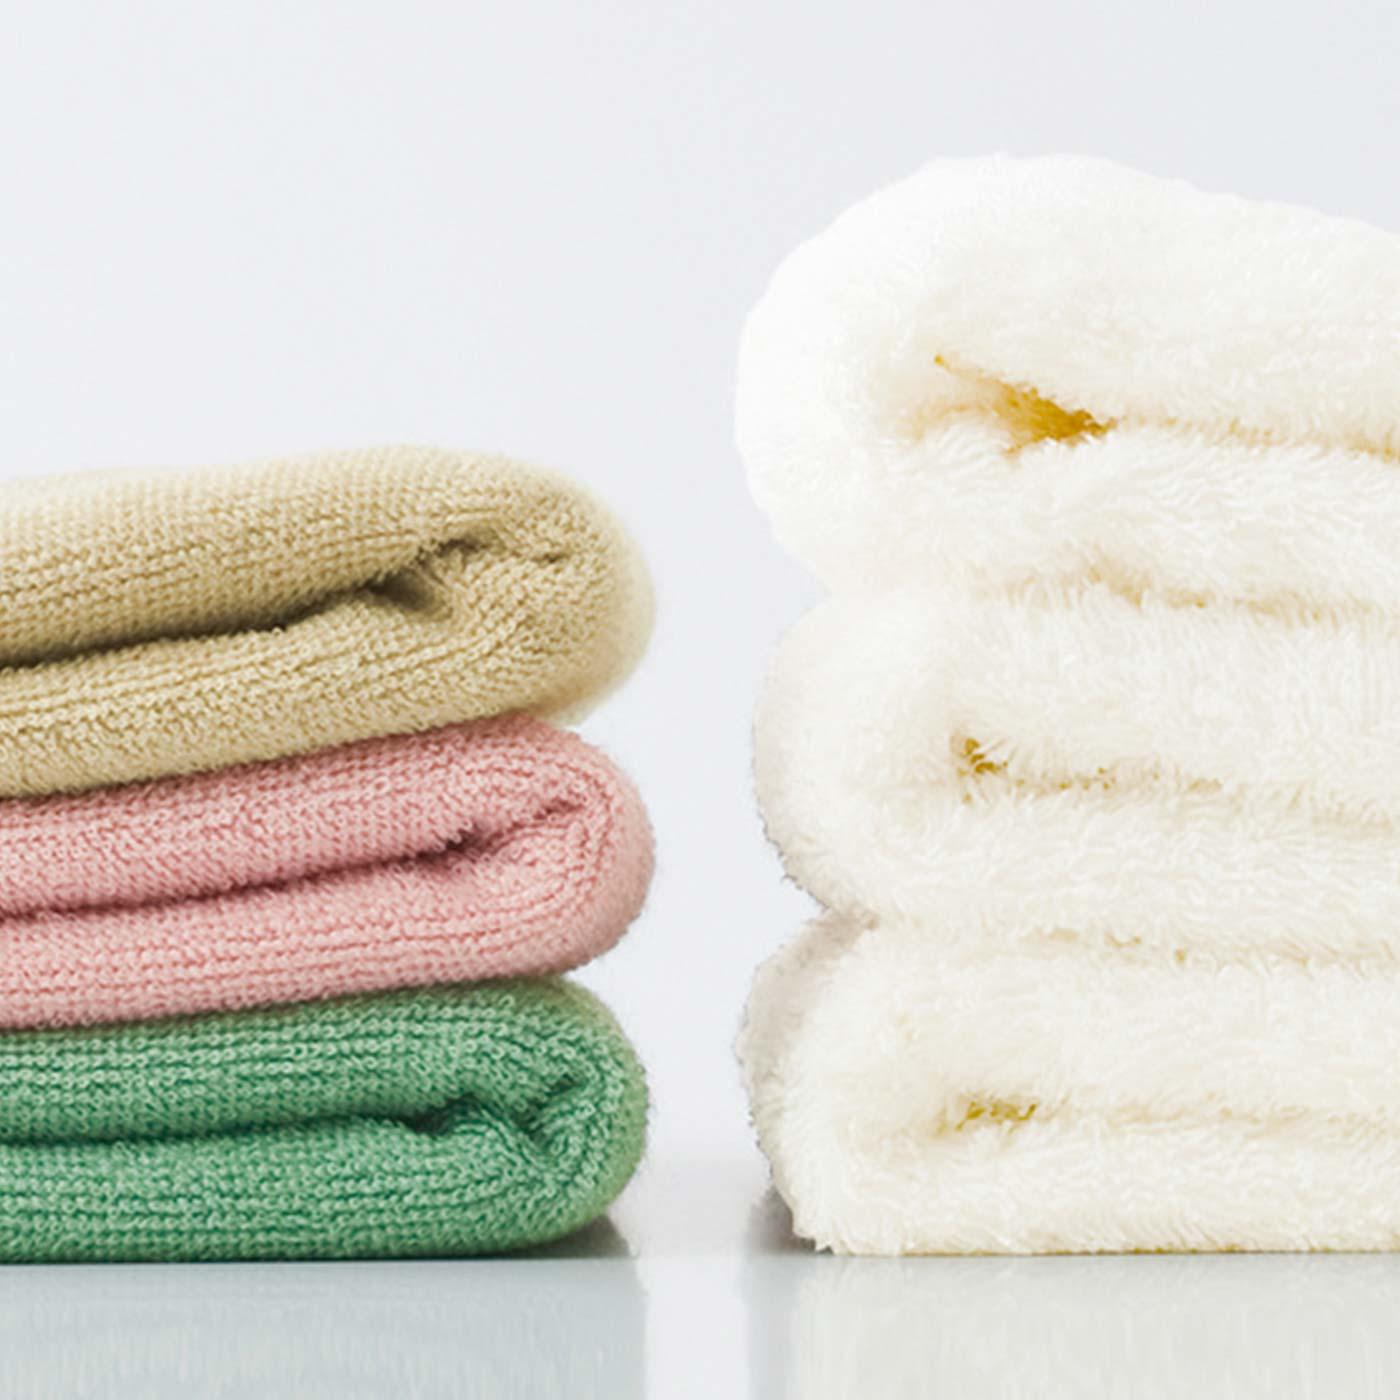 (左:ヘアドライタオル 右:一般的なタオル)薄くて軽いから洗濯しやすく、かさばらないから旅行やジムにも!